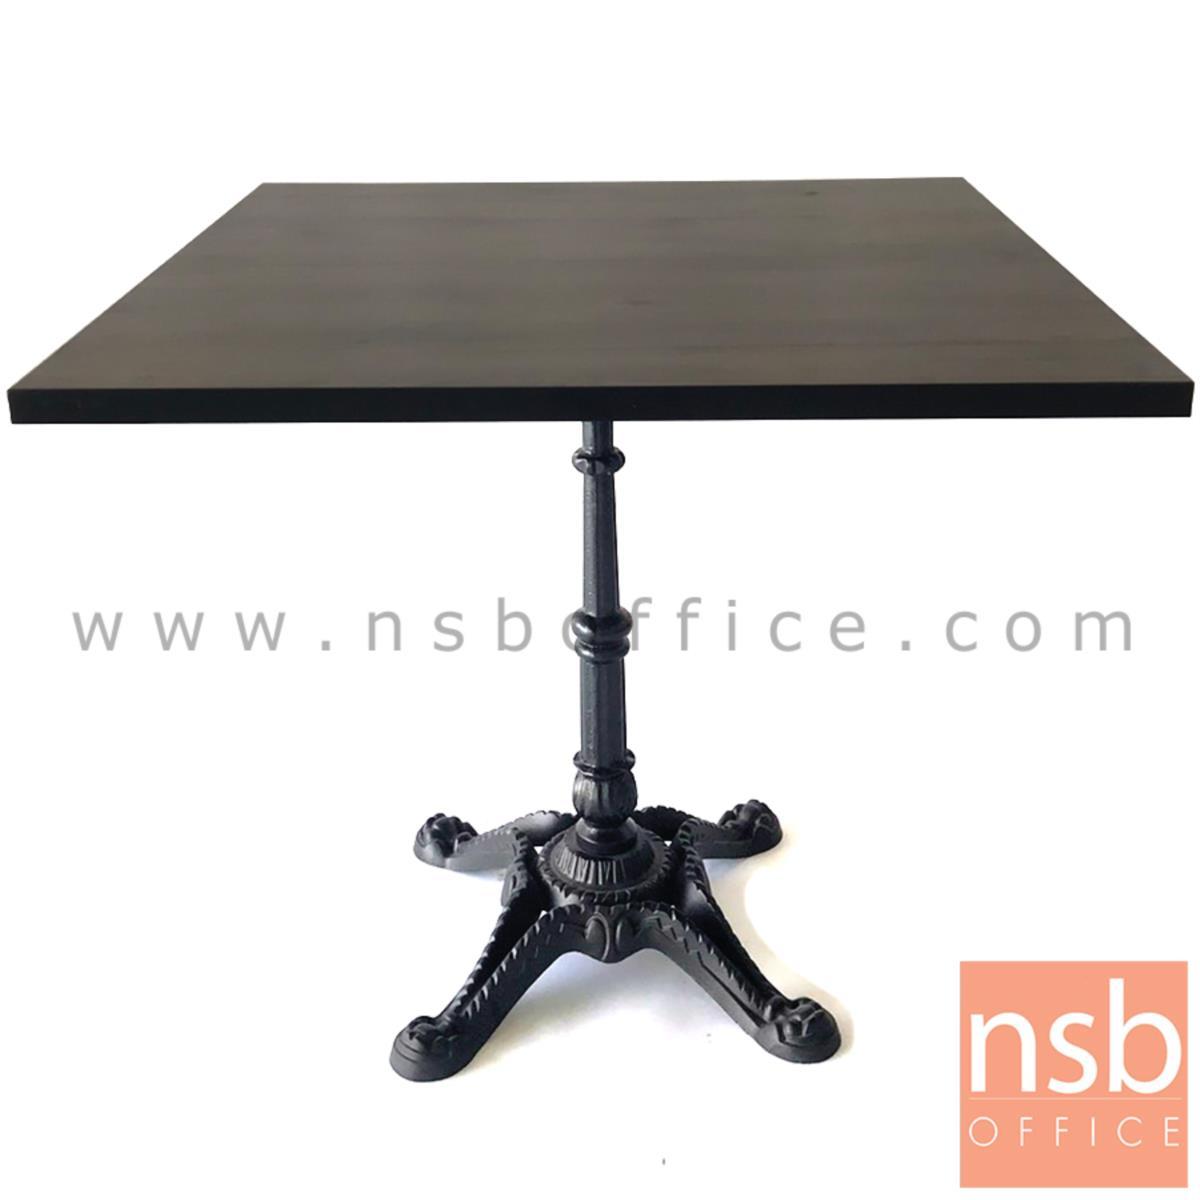 ขาโต๊ะบาร์สี่แฉกทรงฟัก สีดำ รุ่น GOGI (โกกิ)